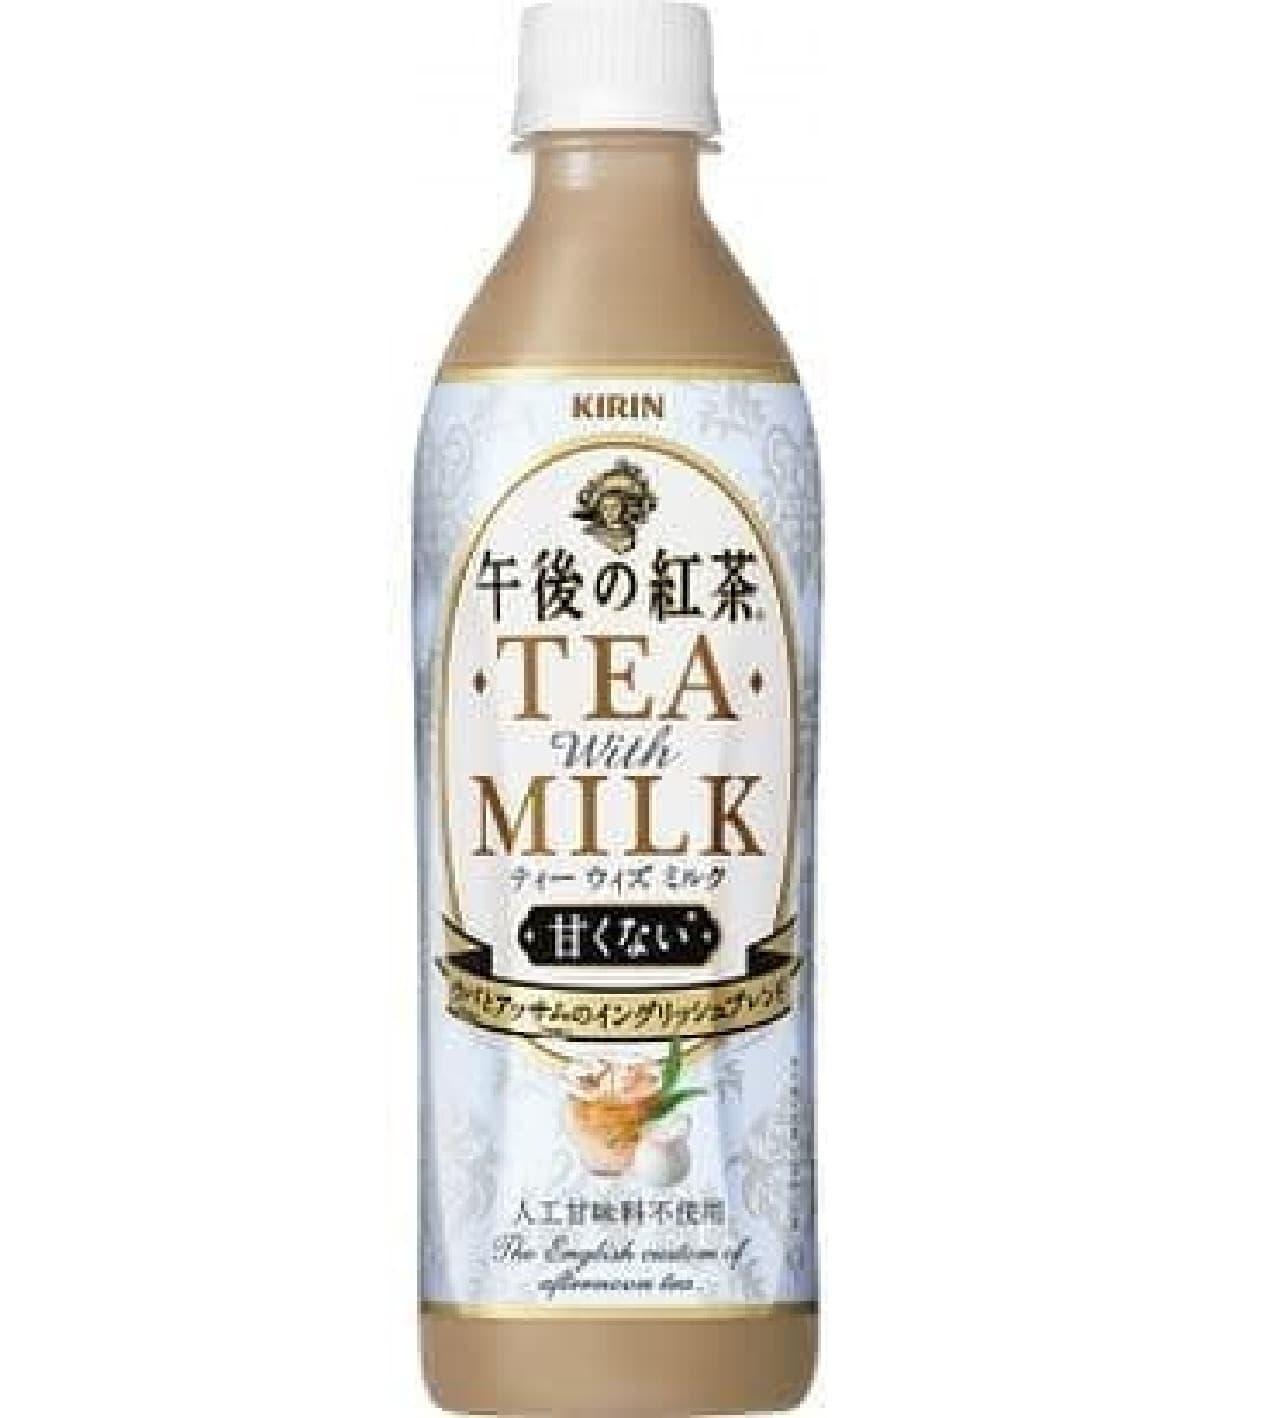 キリン 午後の紅茶 ティー ウィズ ミルク(TEA with MILK)